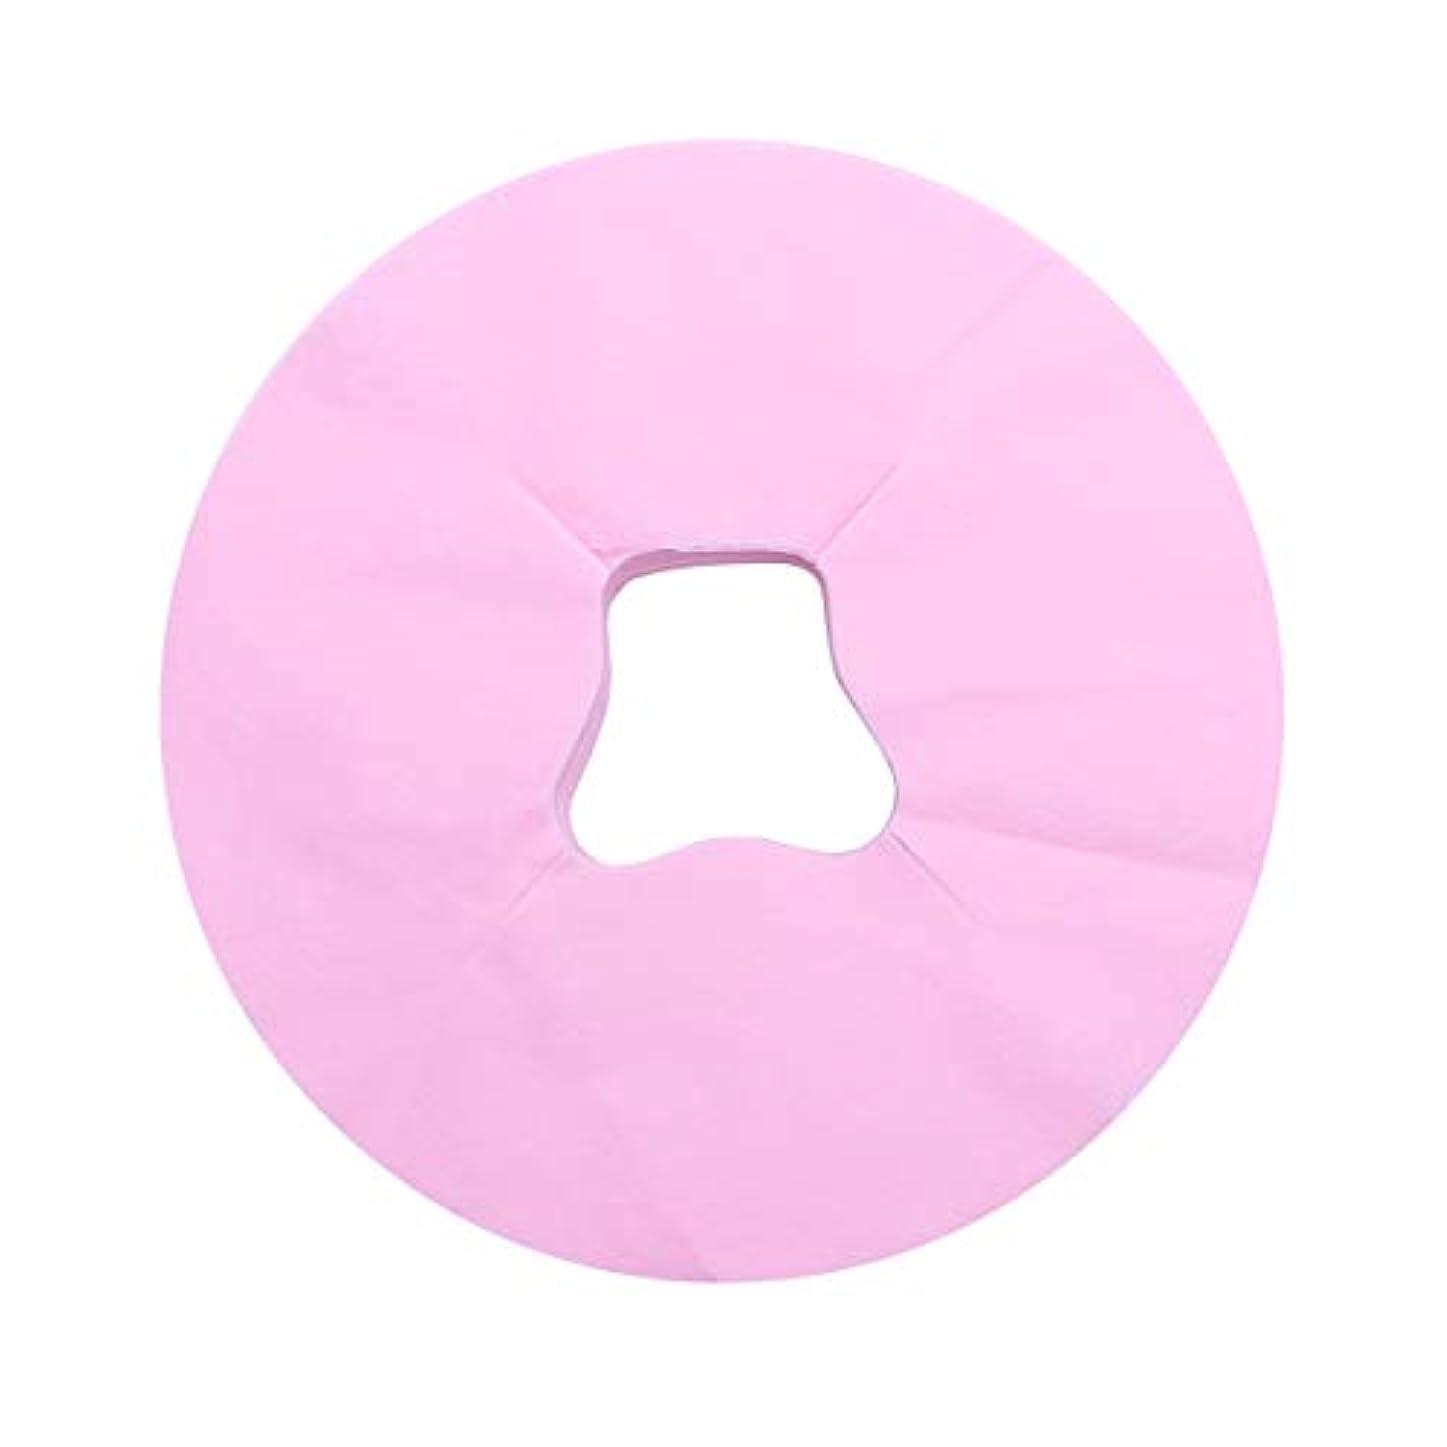 赤外線整然としたハッチHealifty 100シートマッサージフェイスピローカバー使い捨てフェイスカバーパッドフェイスホールピローフェイシャルベッドサロンスパヘッドレストピローシート(ピンク)